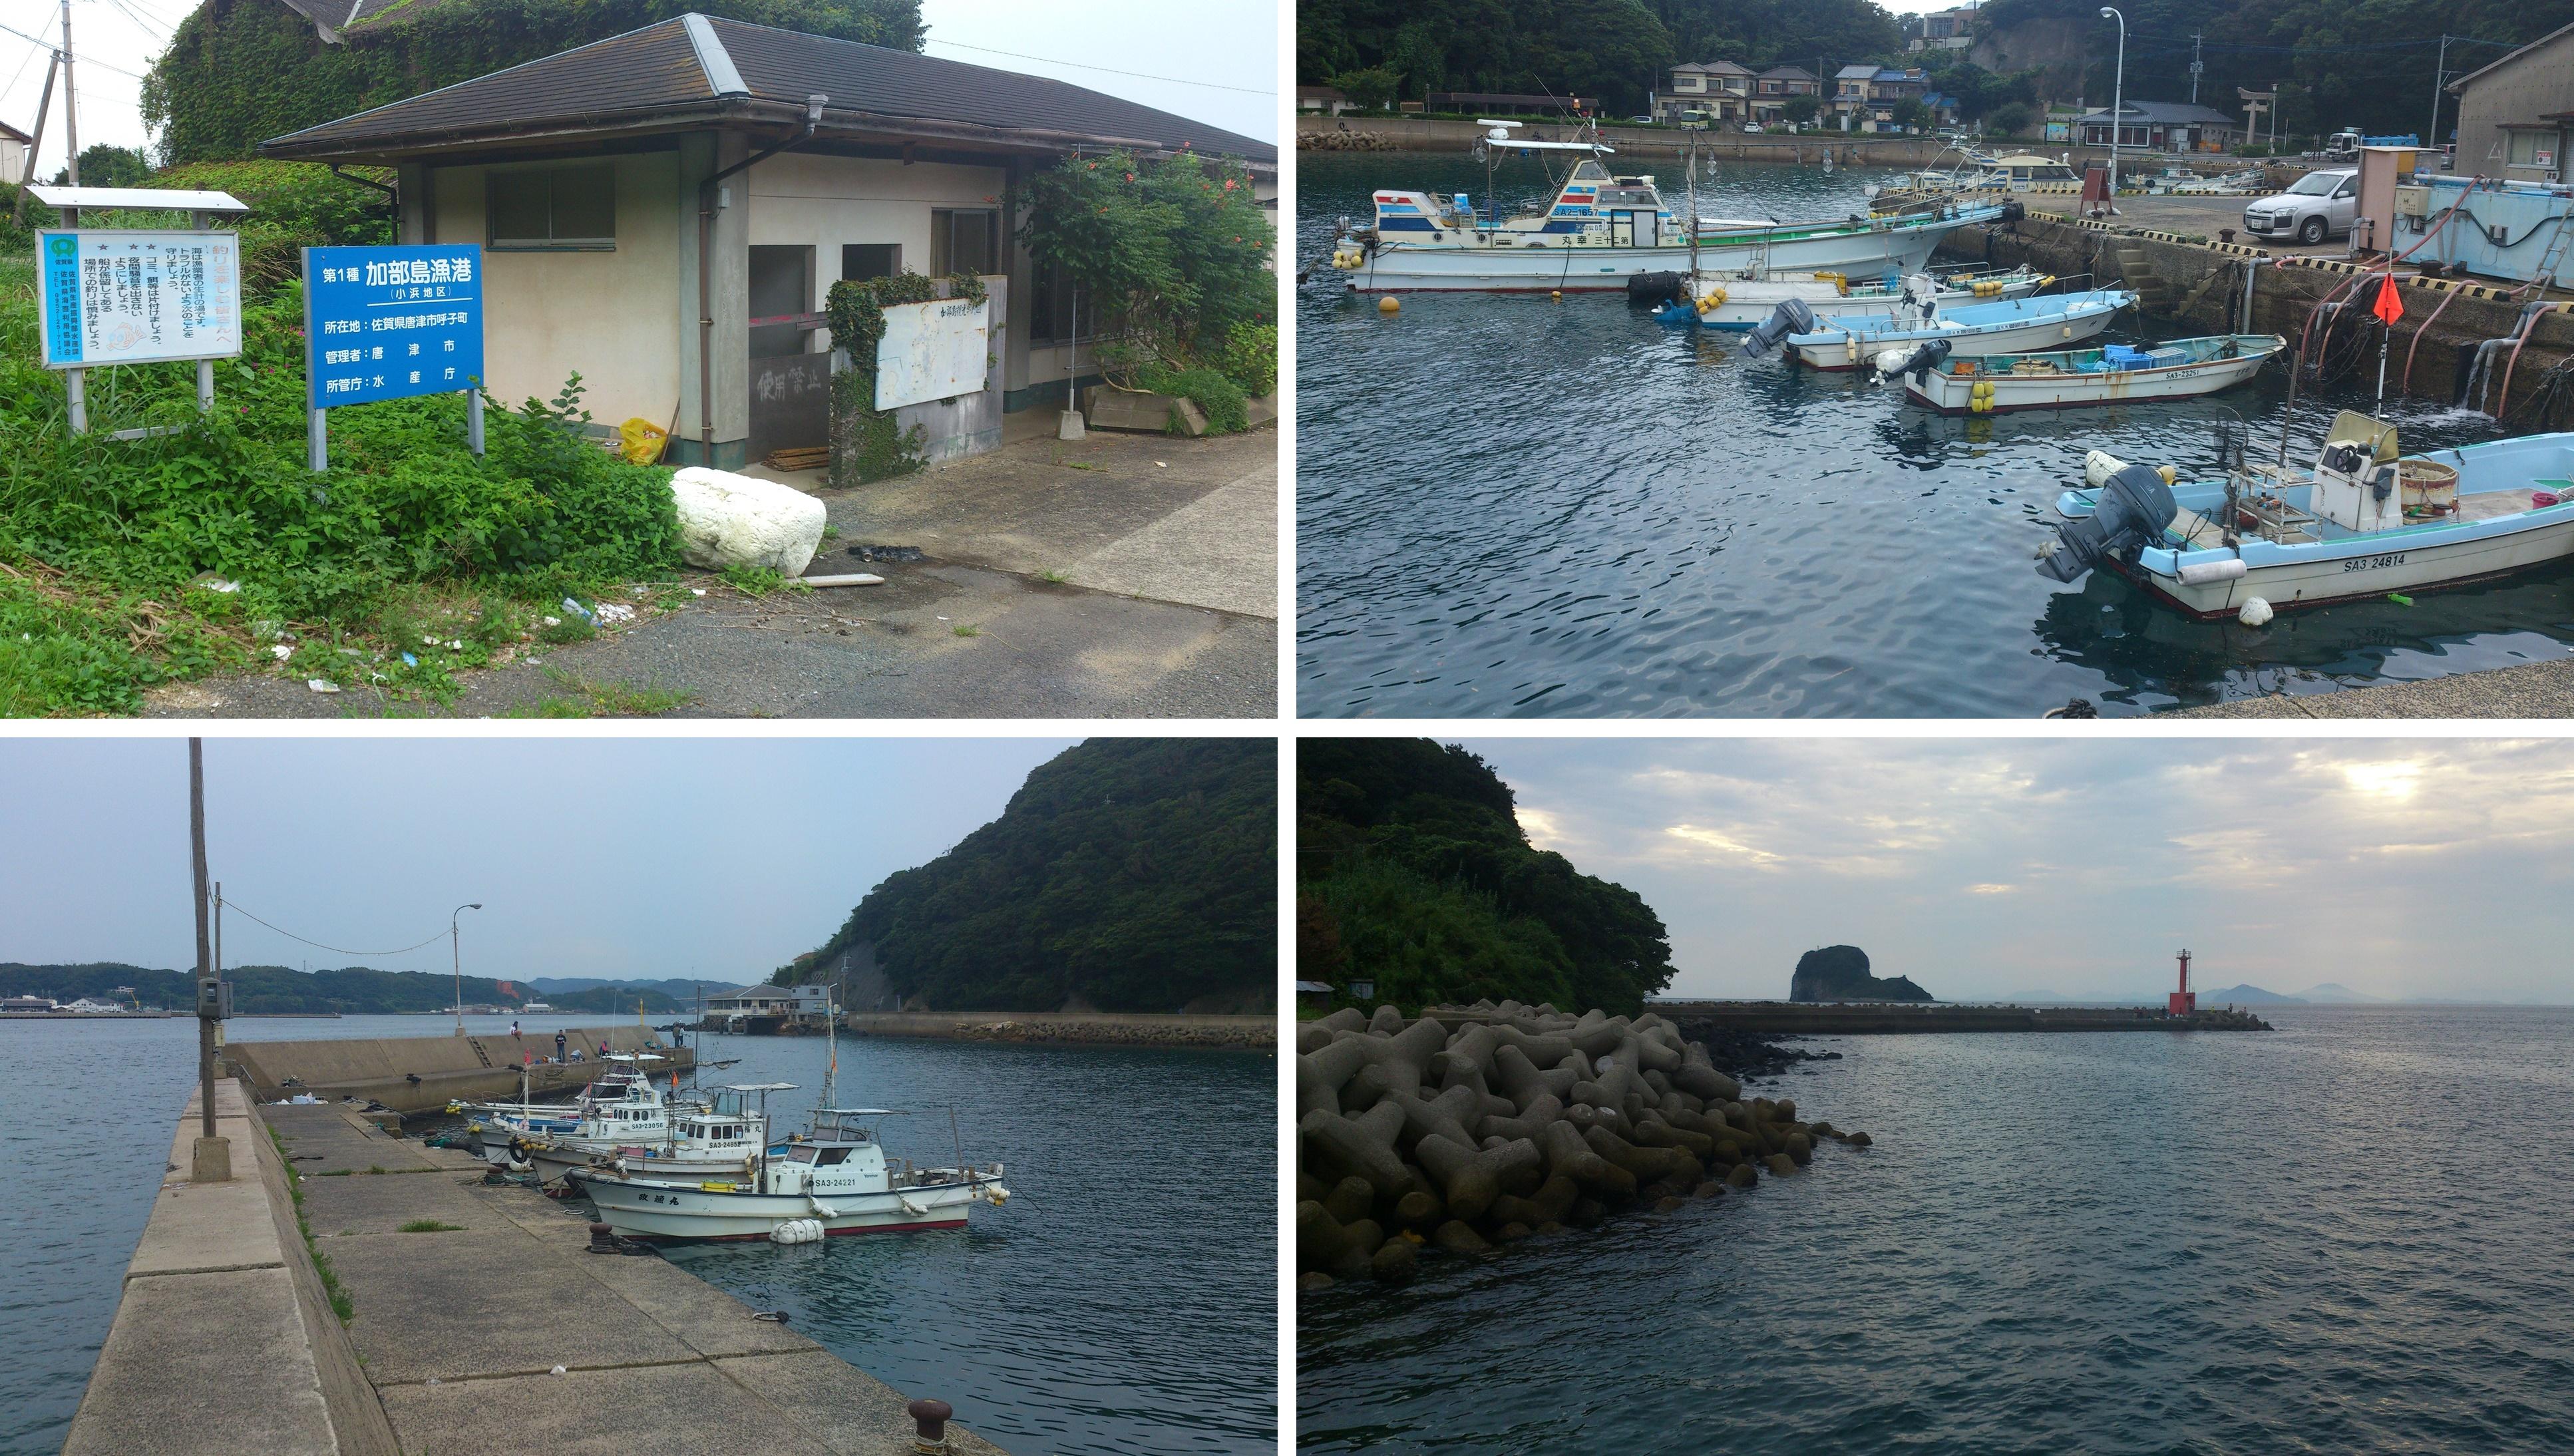 加部島漁港